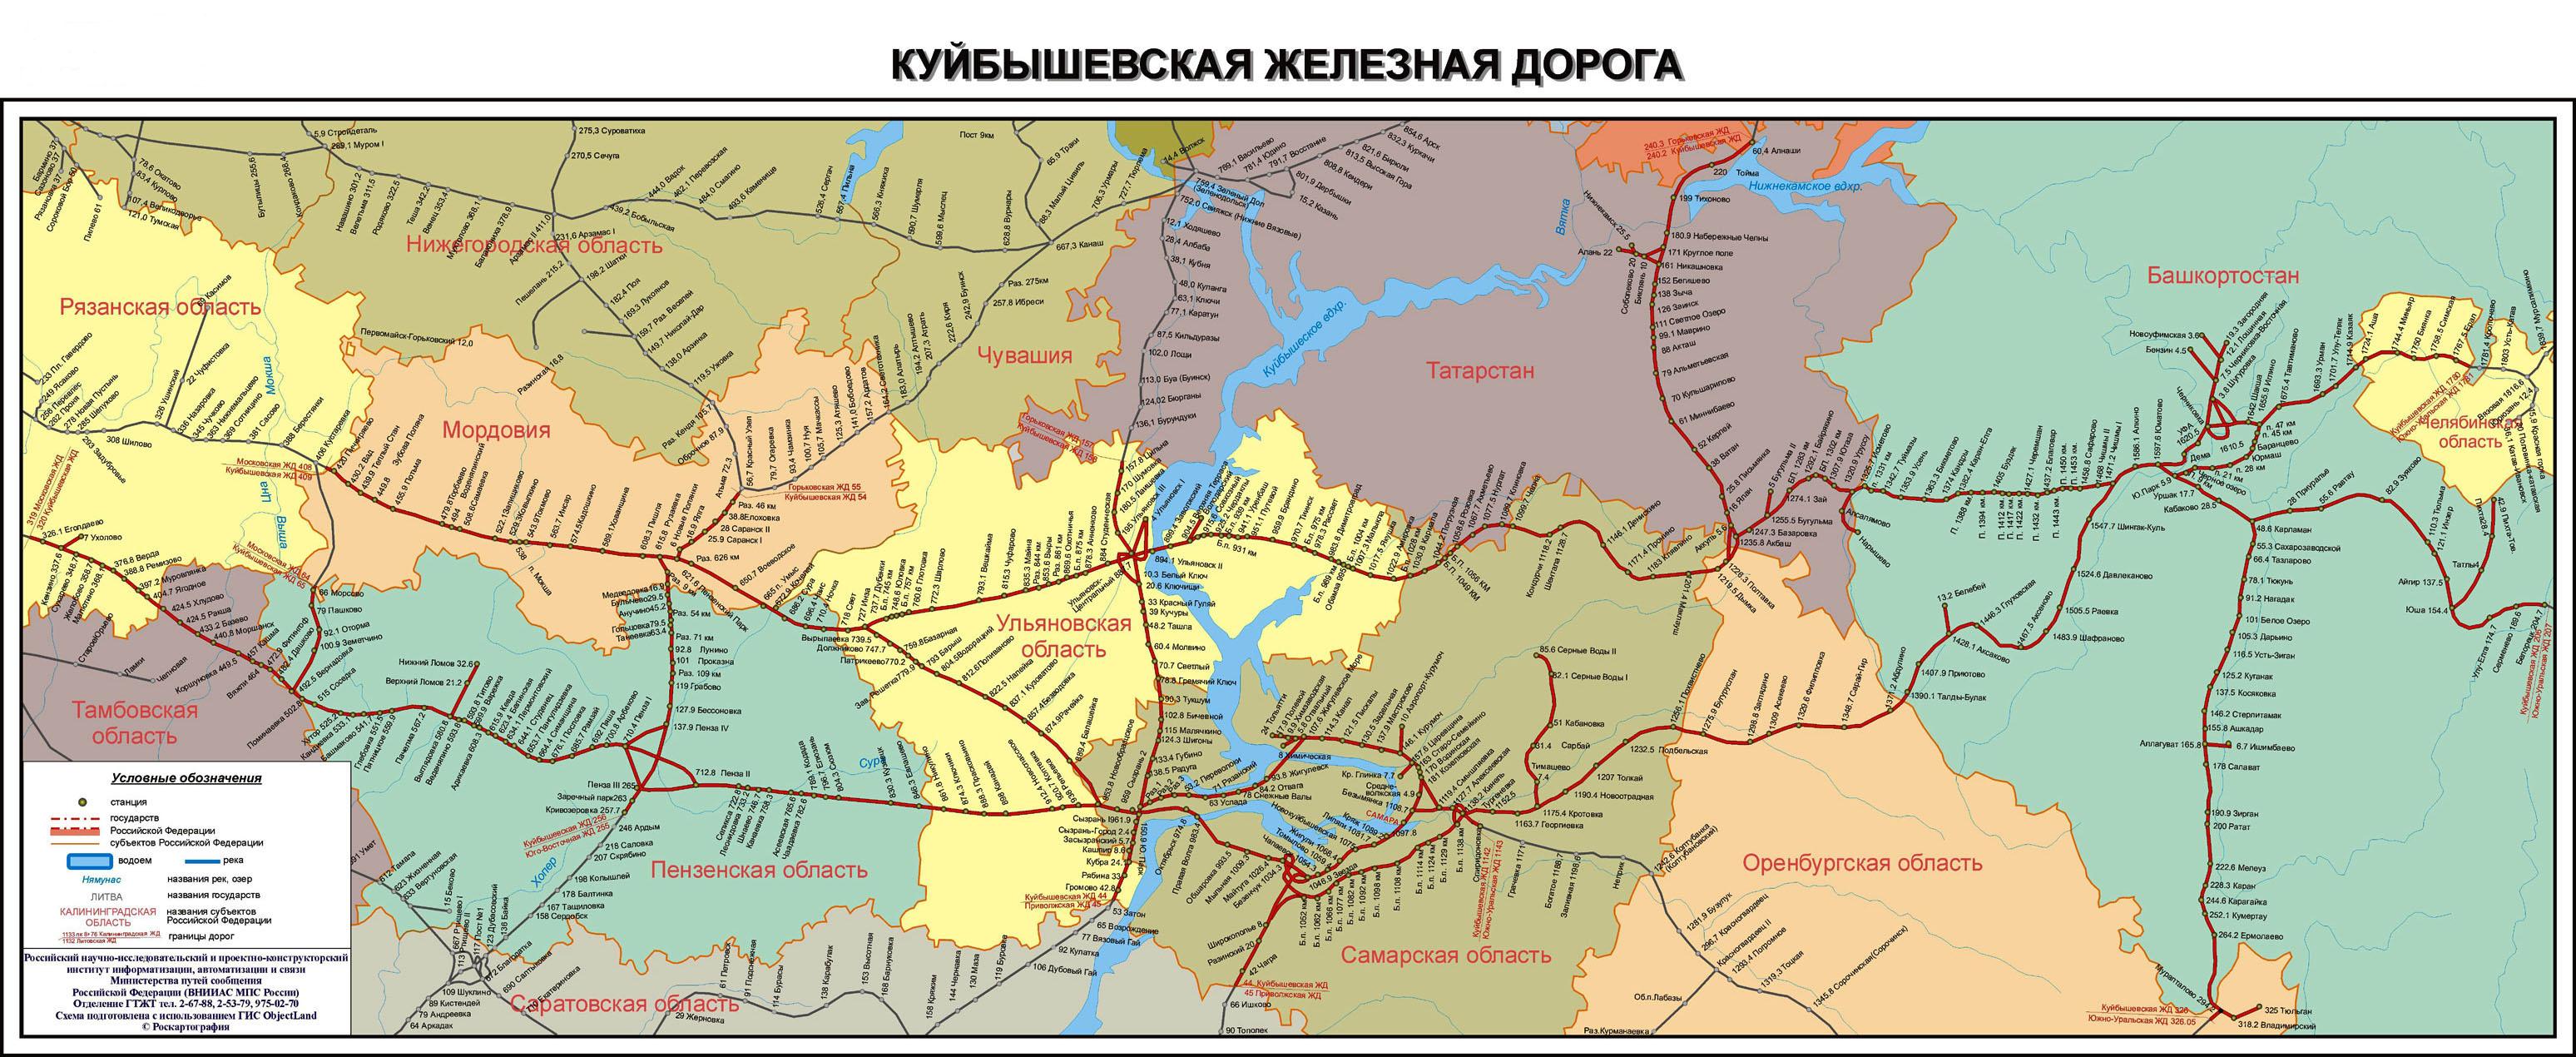 Скачать карту схему метро москвы - 0